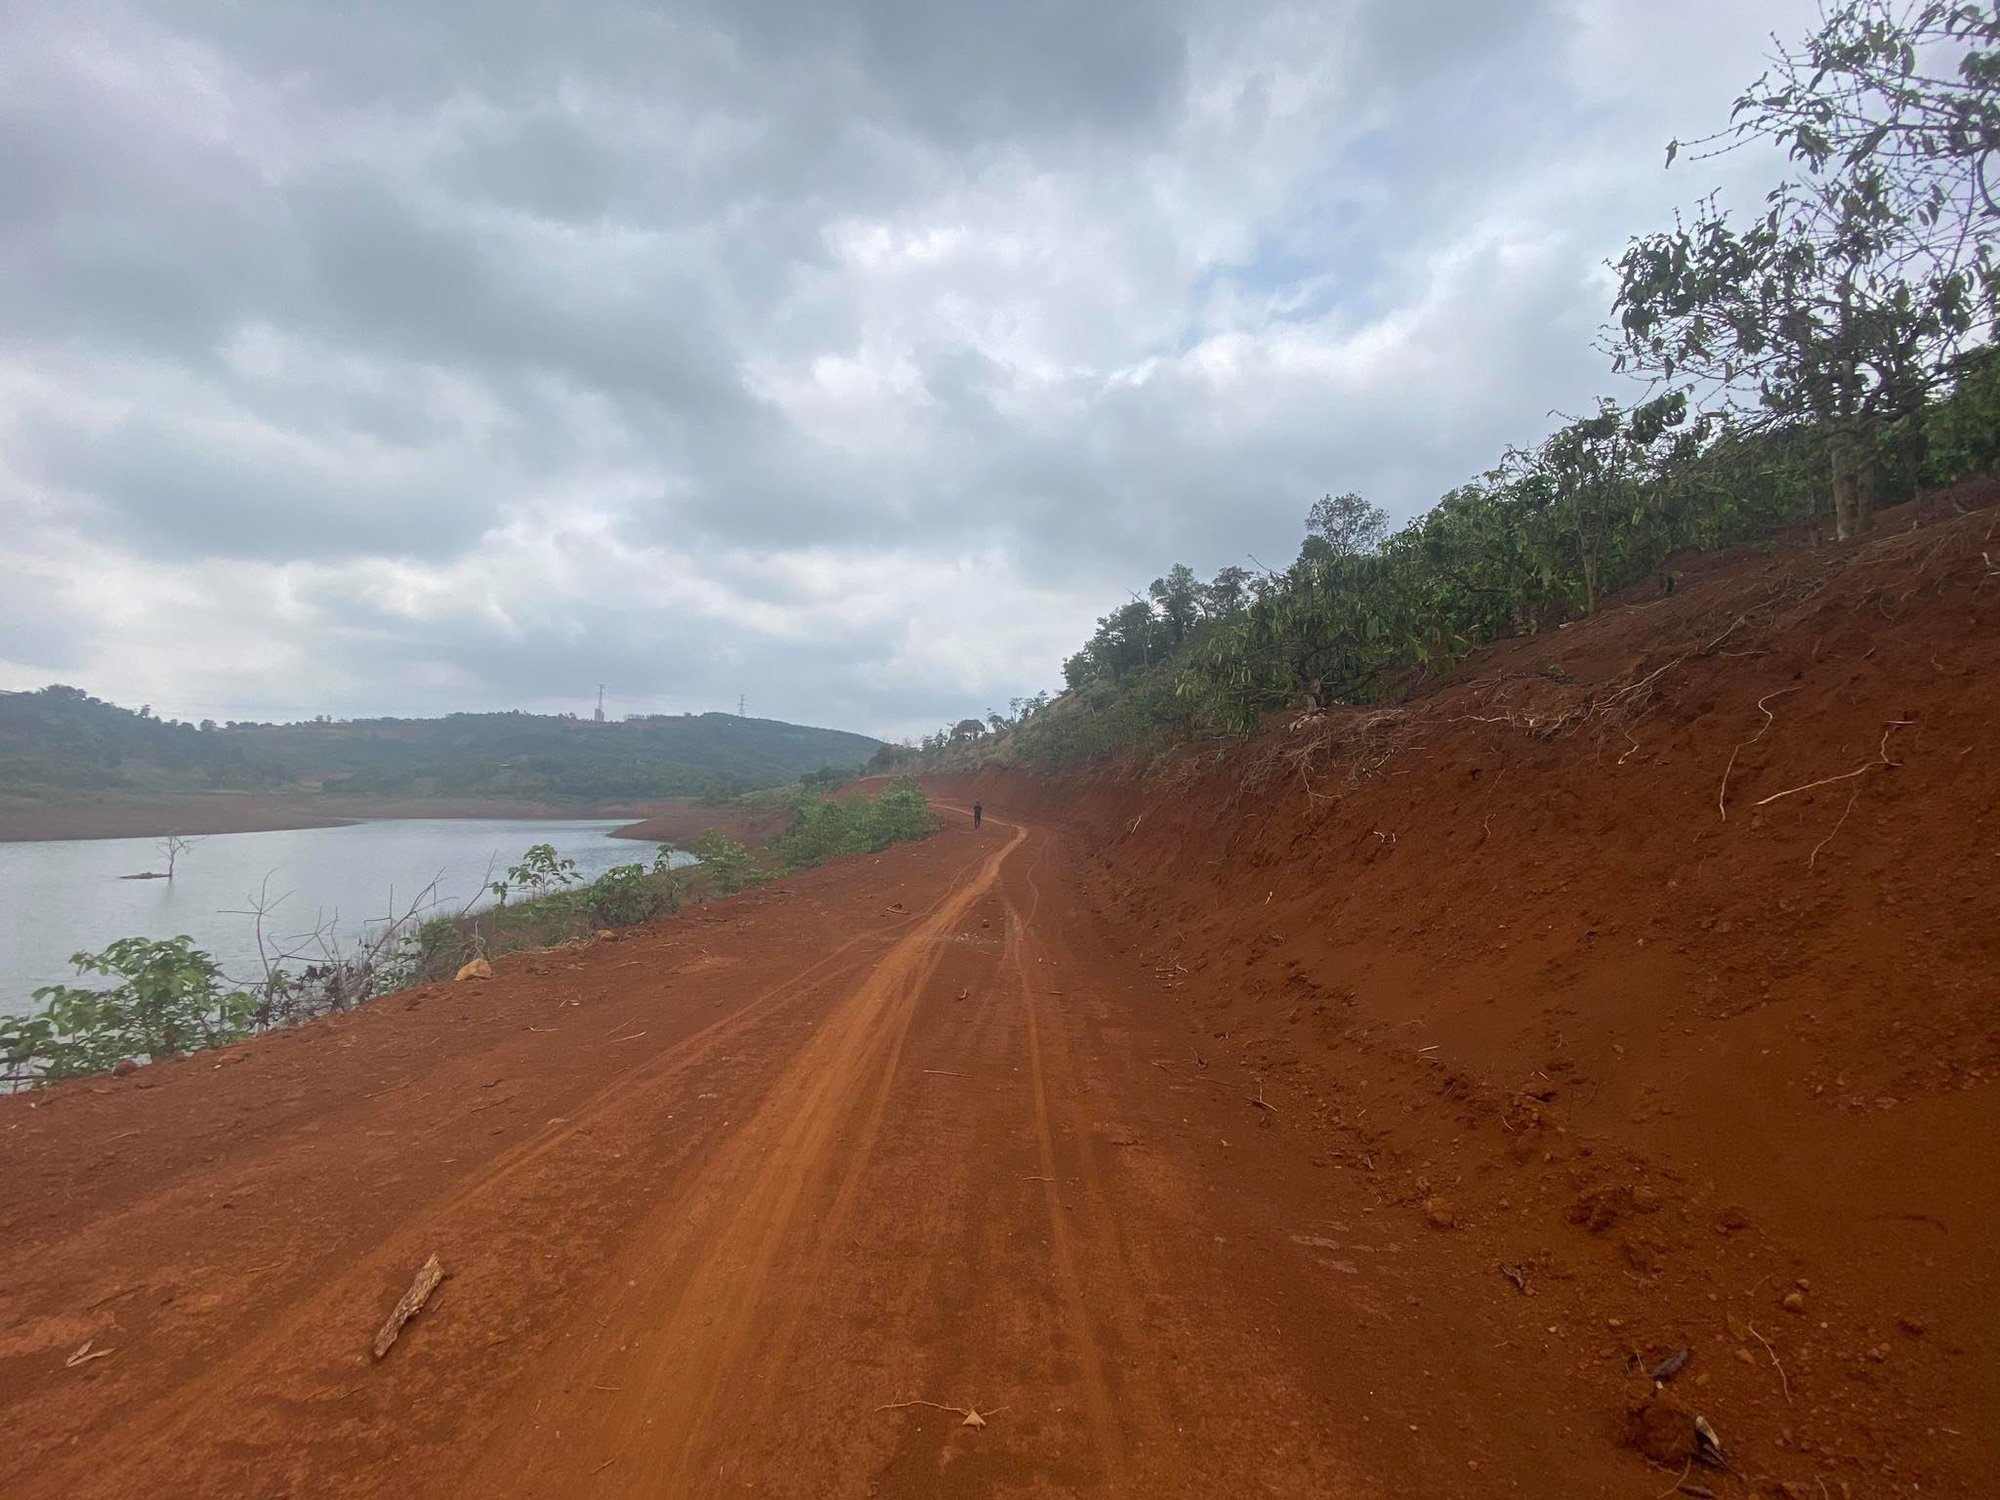 Đắk Nông: Ngang nhiên mở đường, hủy hoại rừng phòng hộ bán ngập ngay Thành phố Gia Nghĩa - Ảnh 1.